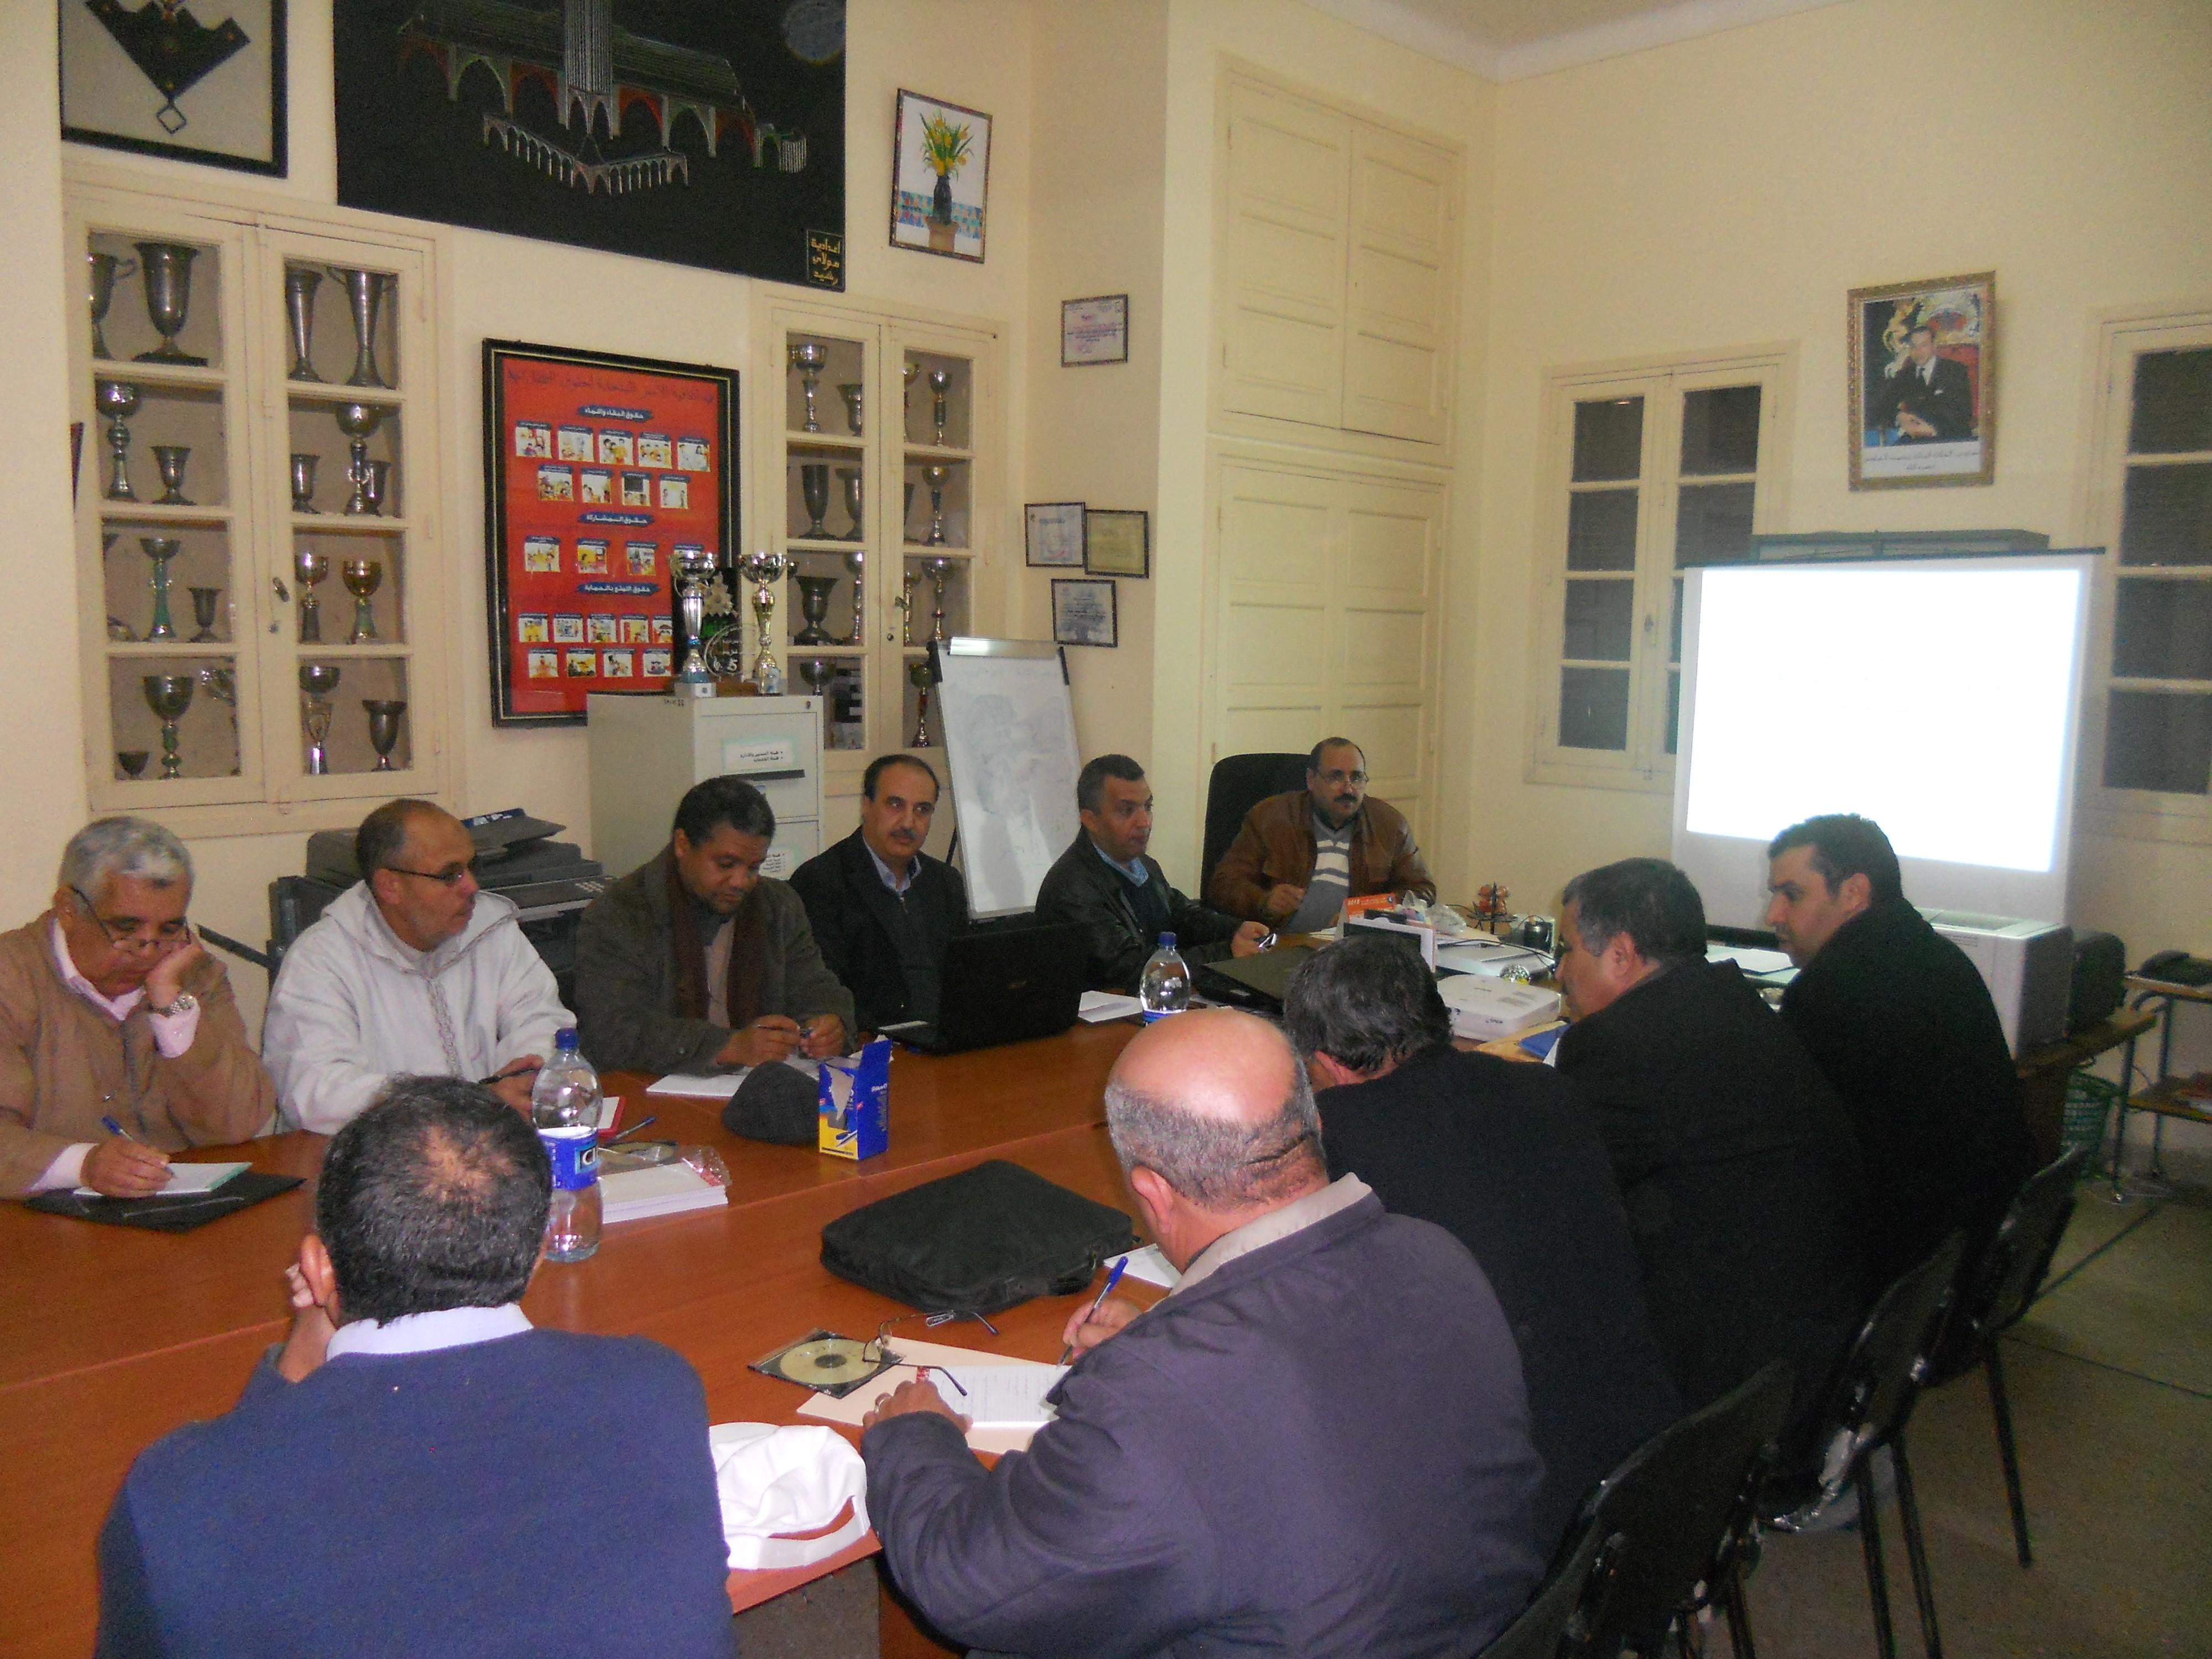 اختتام اللقاءات التواصلية مع رؤساء المؤسسات التعليمية حول مشروع المؤسسة بنيابة تيزنيت